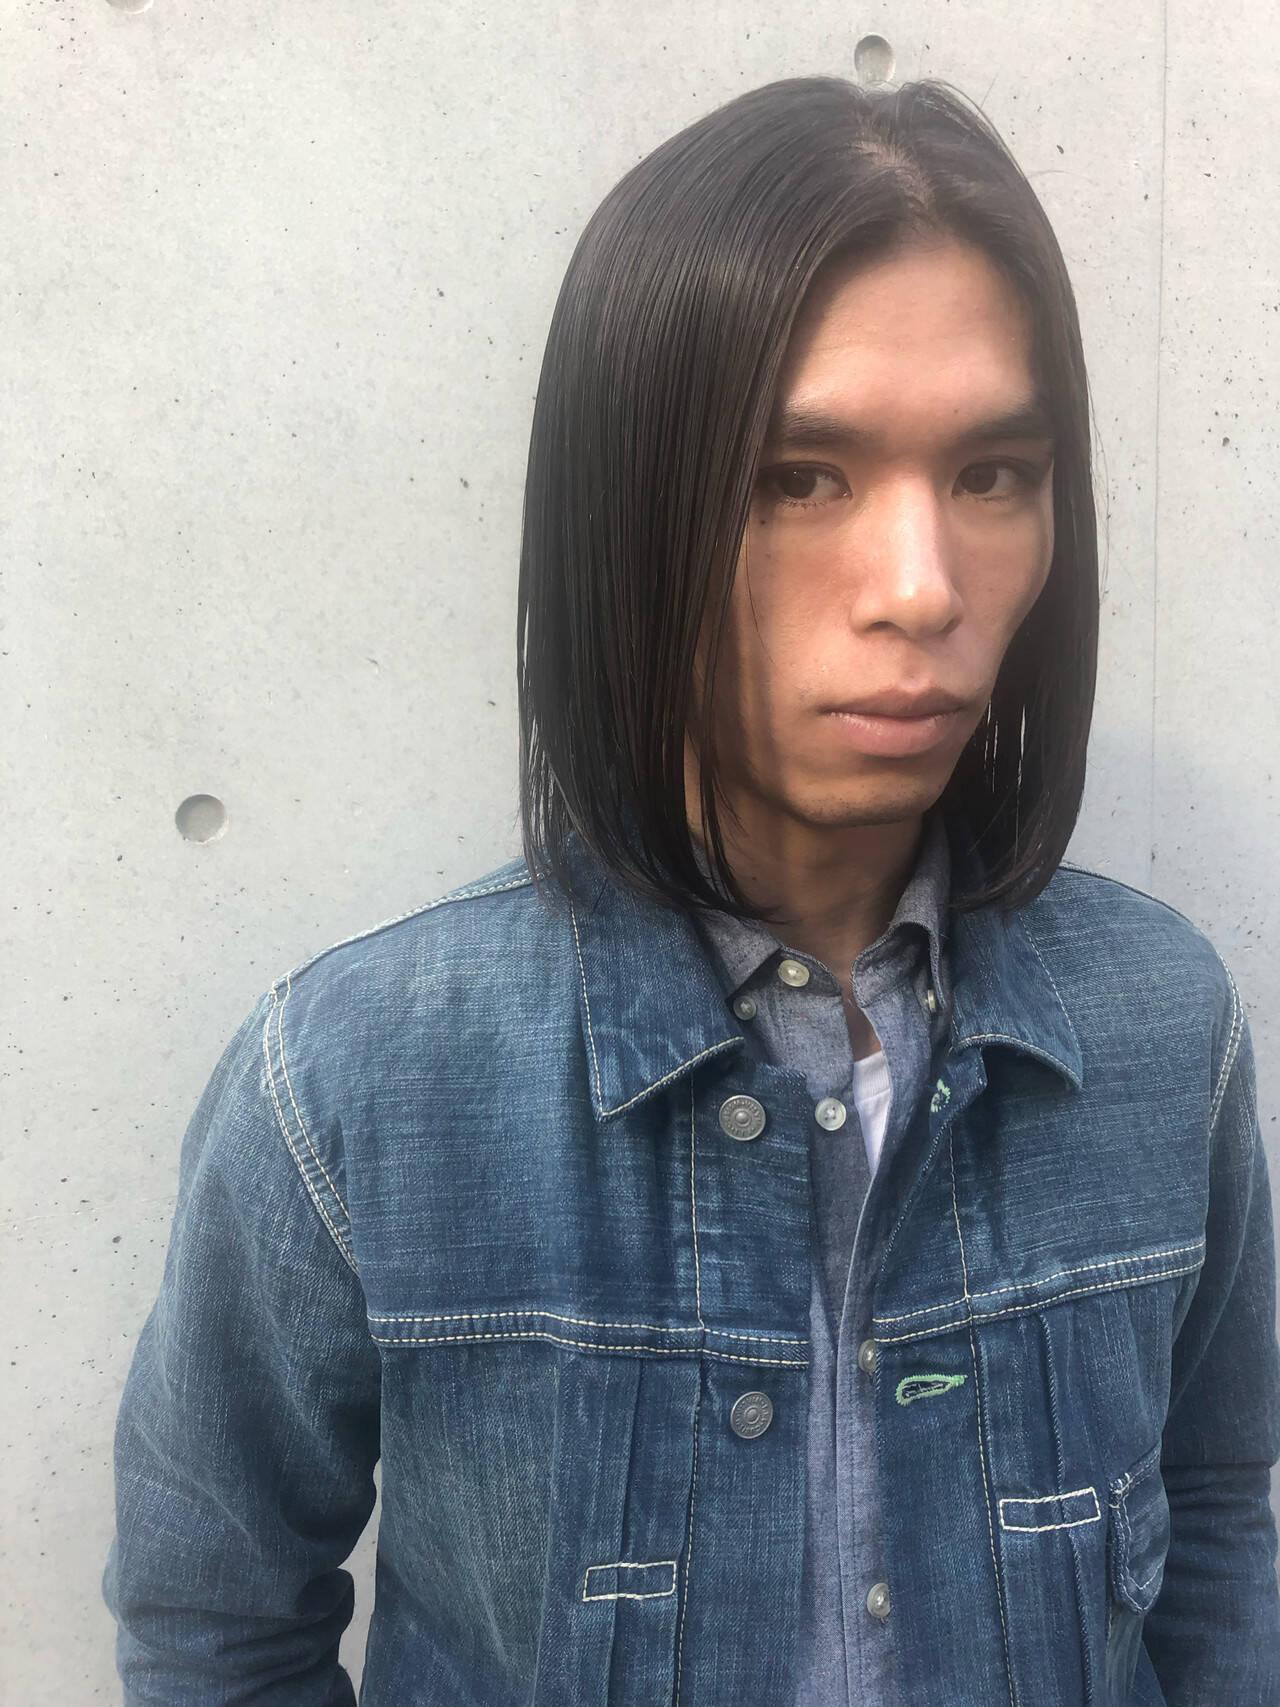 メンズ モード ワンレングス メンズスタイルヘアスタイルや髪型の写真・画像